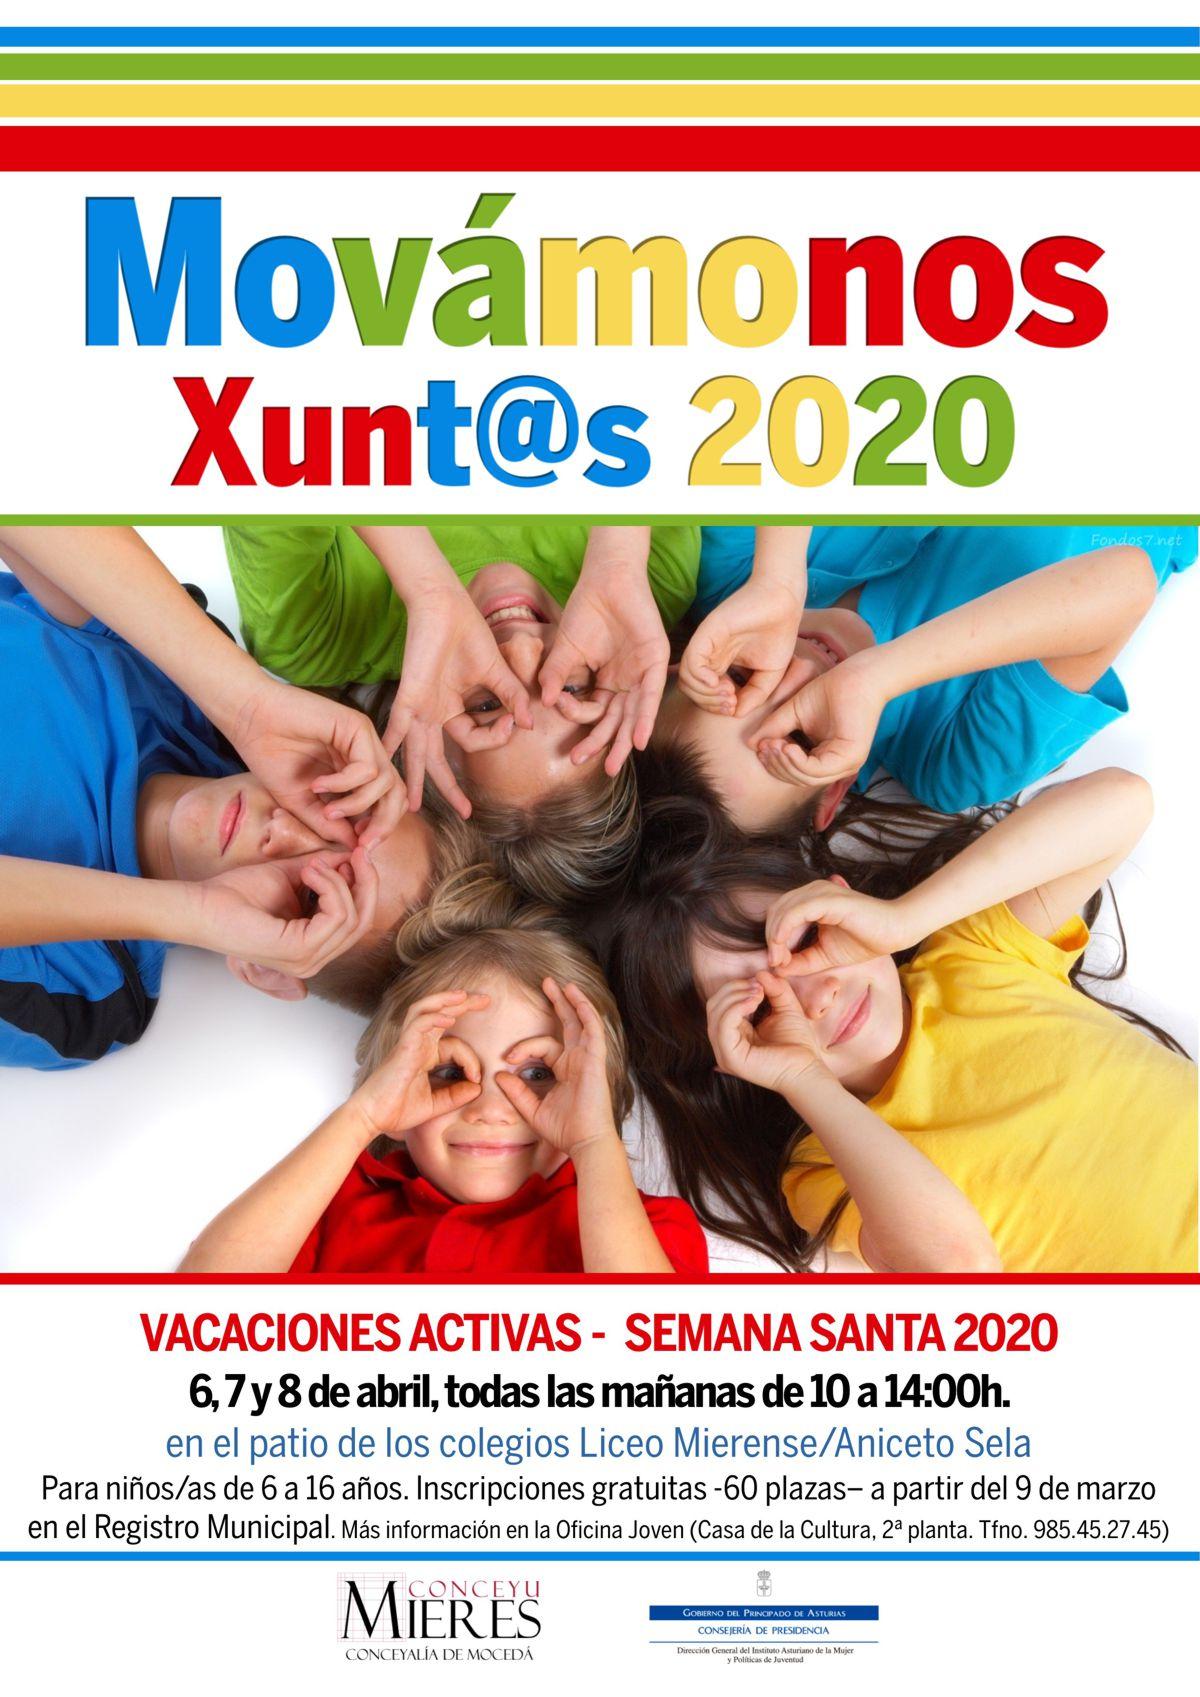 Movamonos Xuntos 2020 Semana Santa Mieres